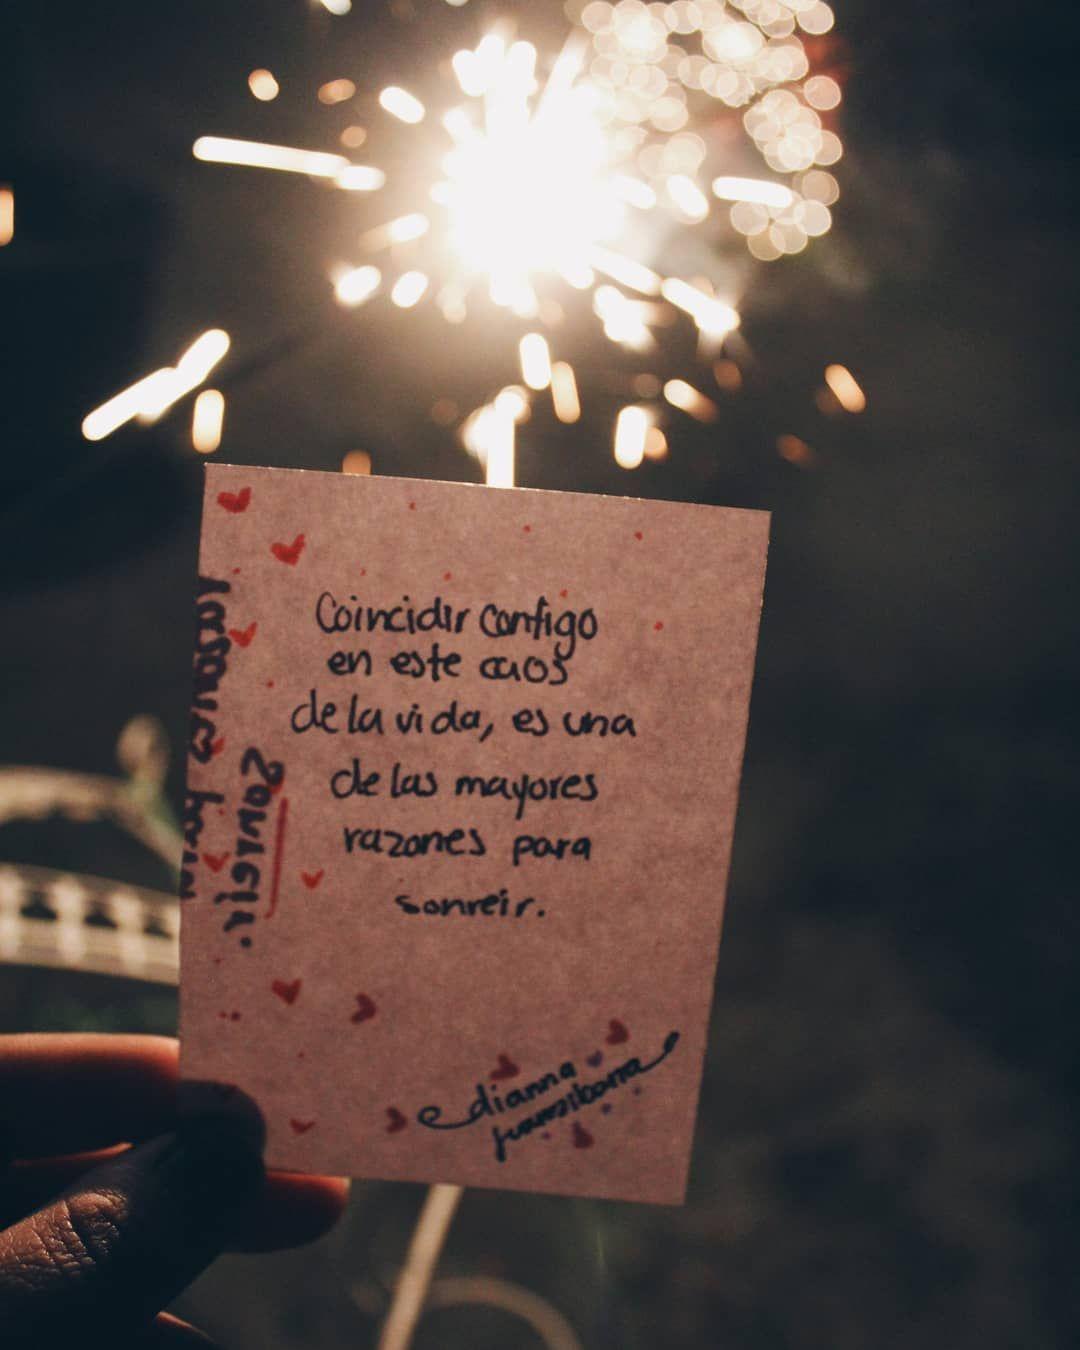 Coincidir contigo, en este caos de la vida, es una de las mayores razones para sonreír. #love #amor